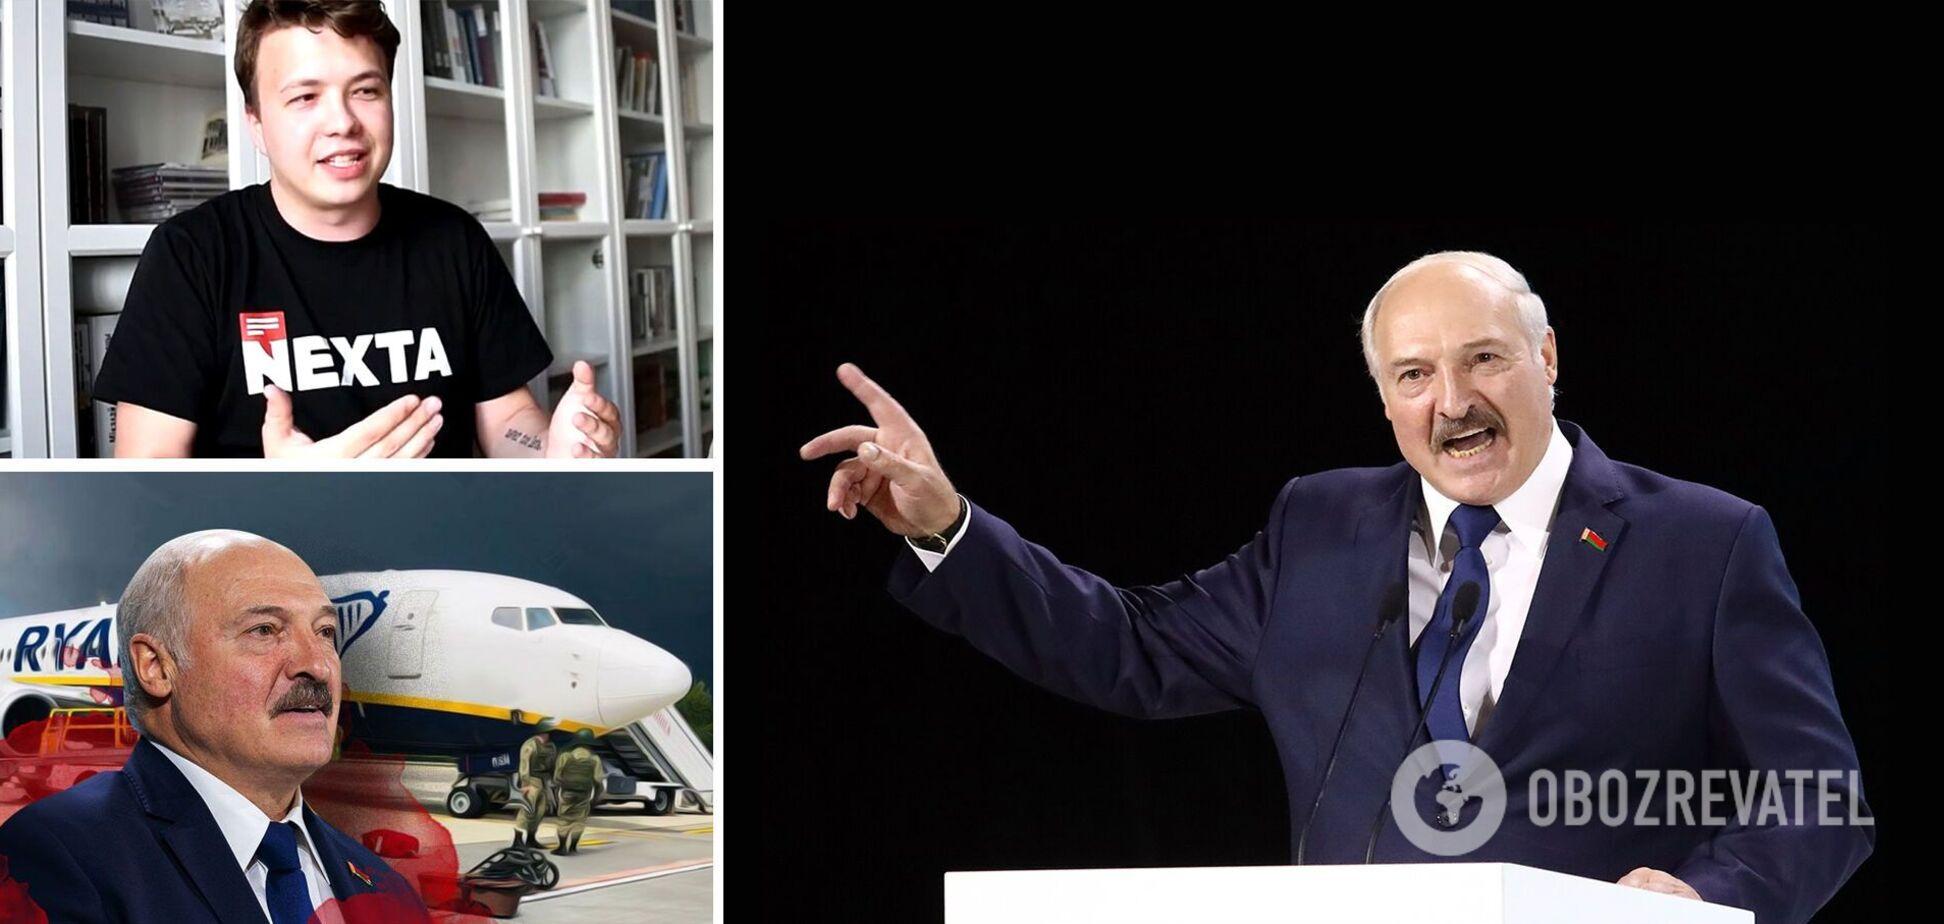 Лукашенко обзивав Протасевича та лякав Захід світовою війною: що наговорив 'президент' у зверненні